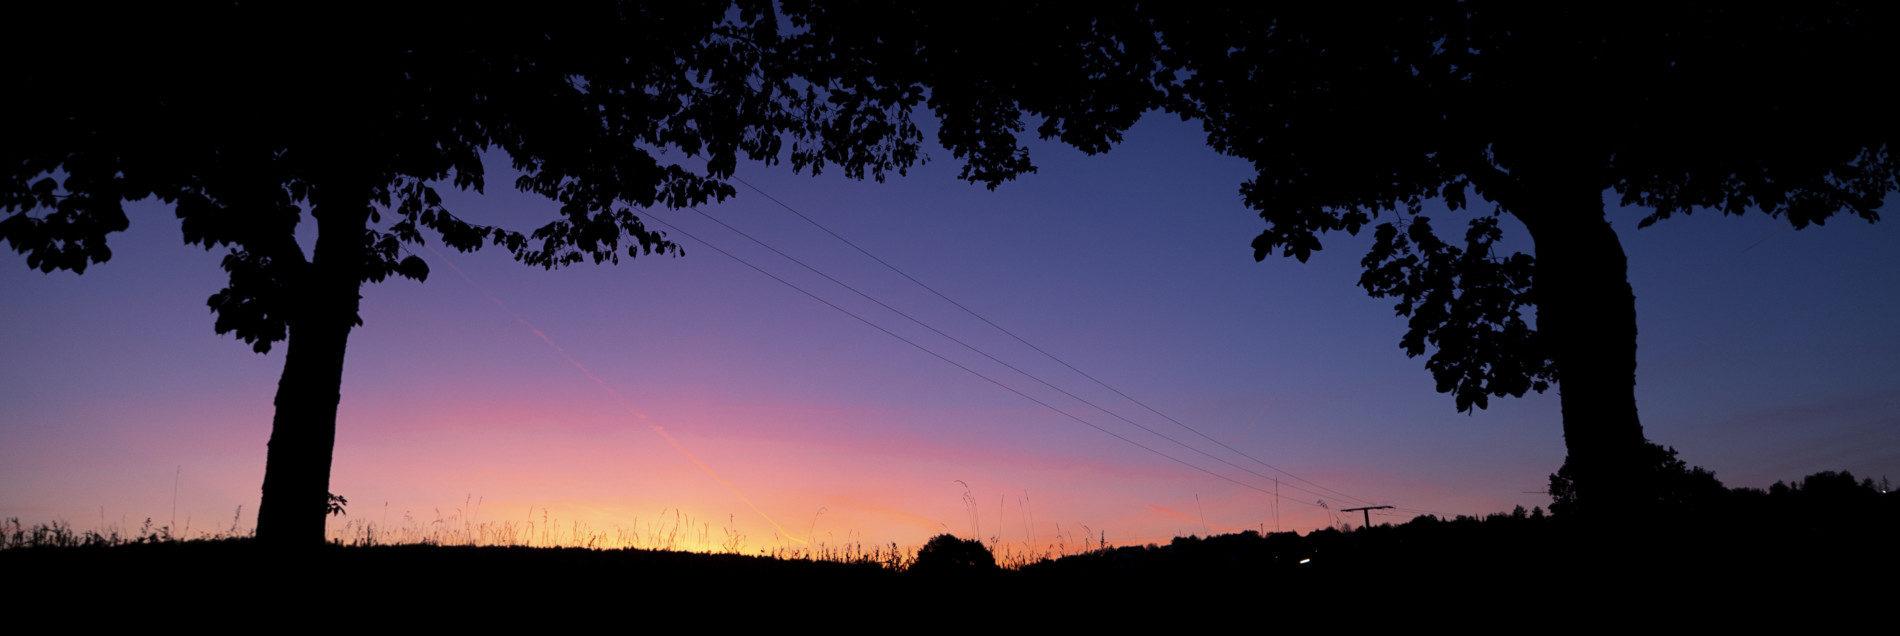 Winterlicher Sonnenuntergang in der Streutalallianz (Foto: Leska Hörner - Leskas Wunderwelt)